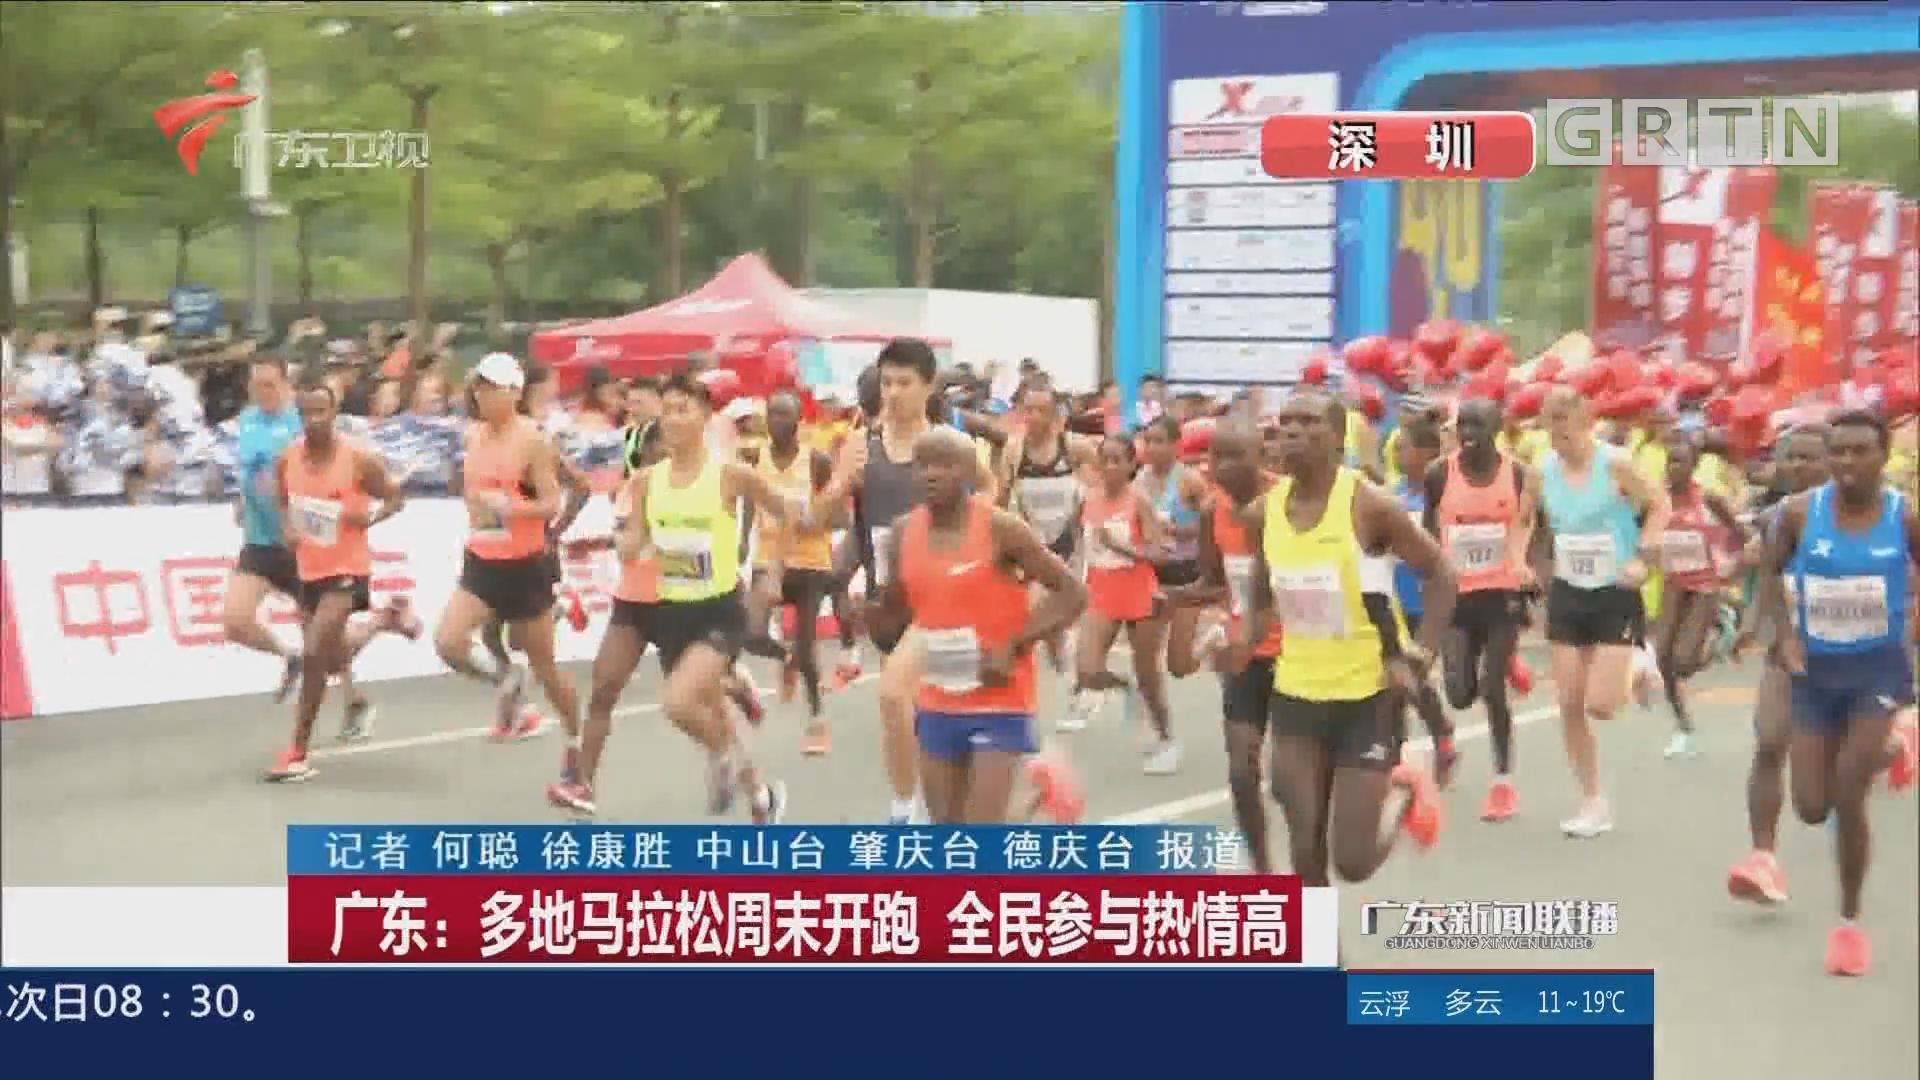 广东:多地马拉松周末开跑 全民参与热情高